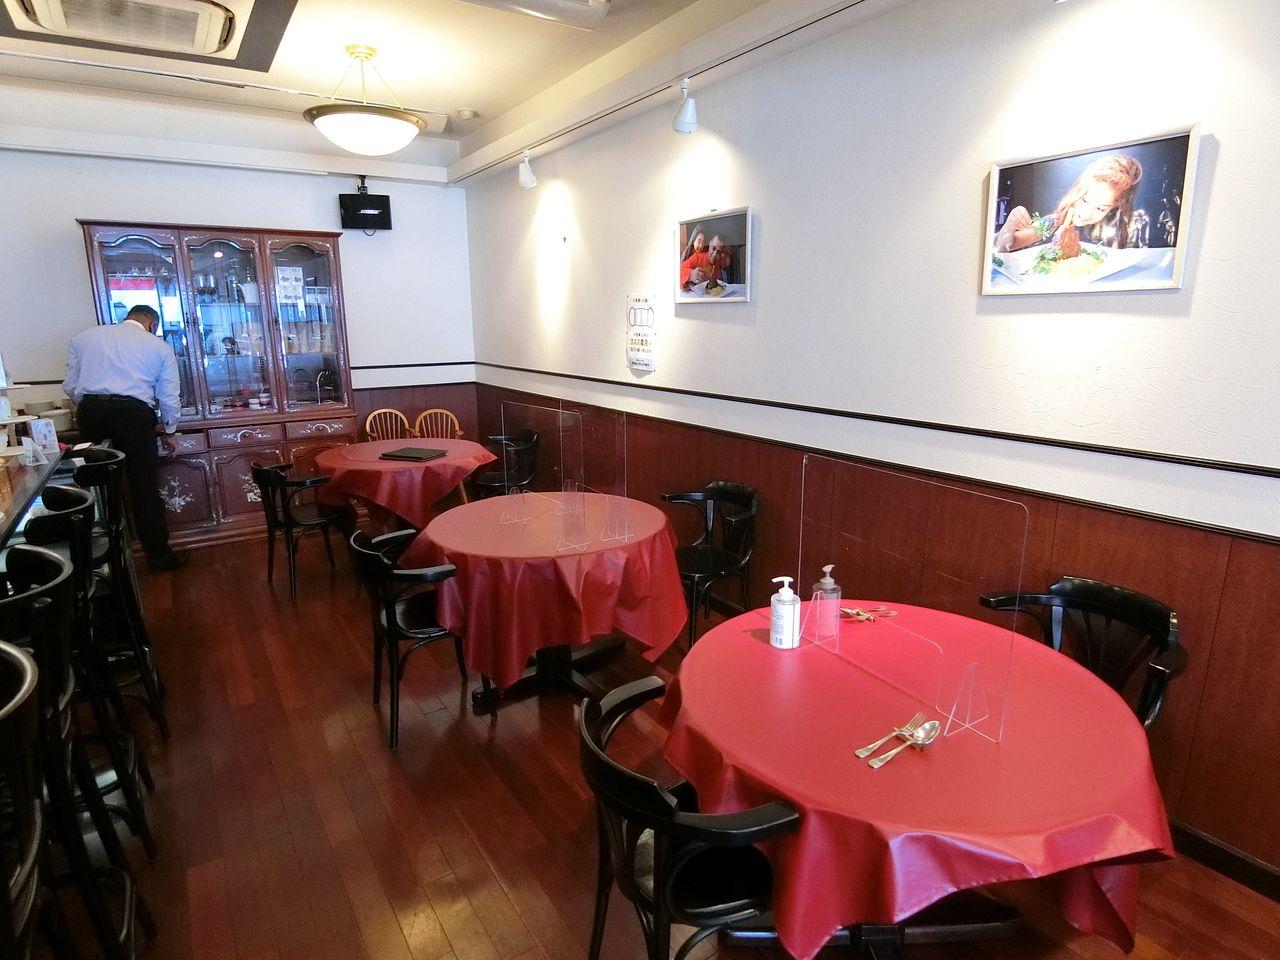 板橋区蓮根のスリランカレストラン「ROGER'S Kitchen(ロジャースキッチン)」